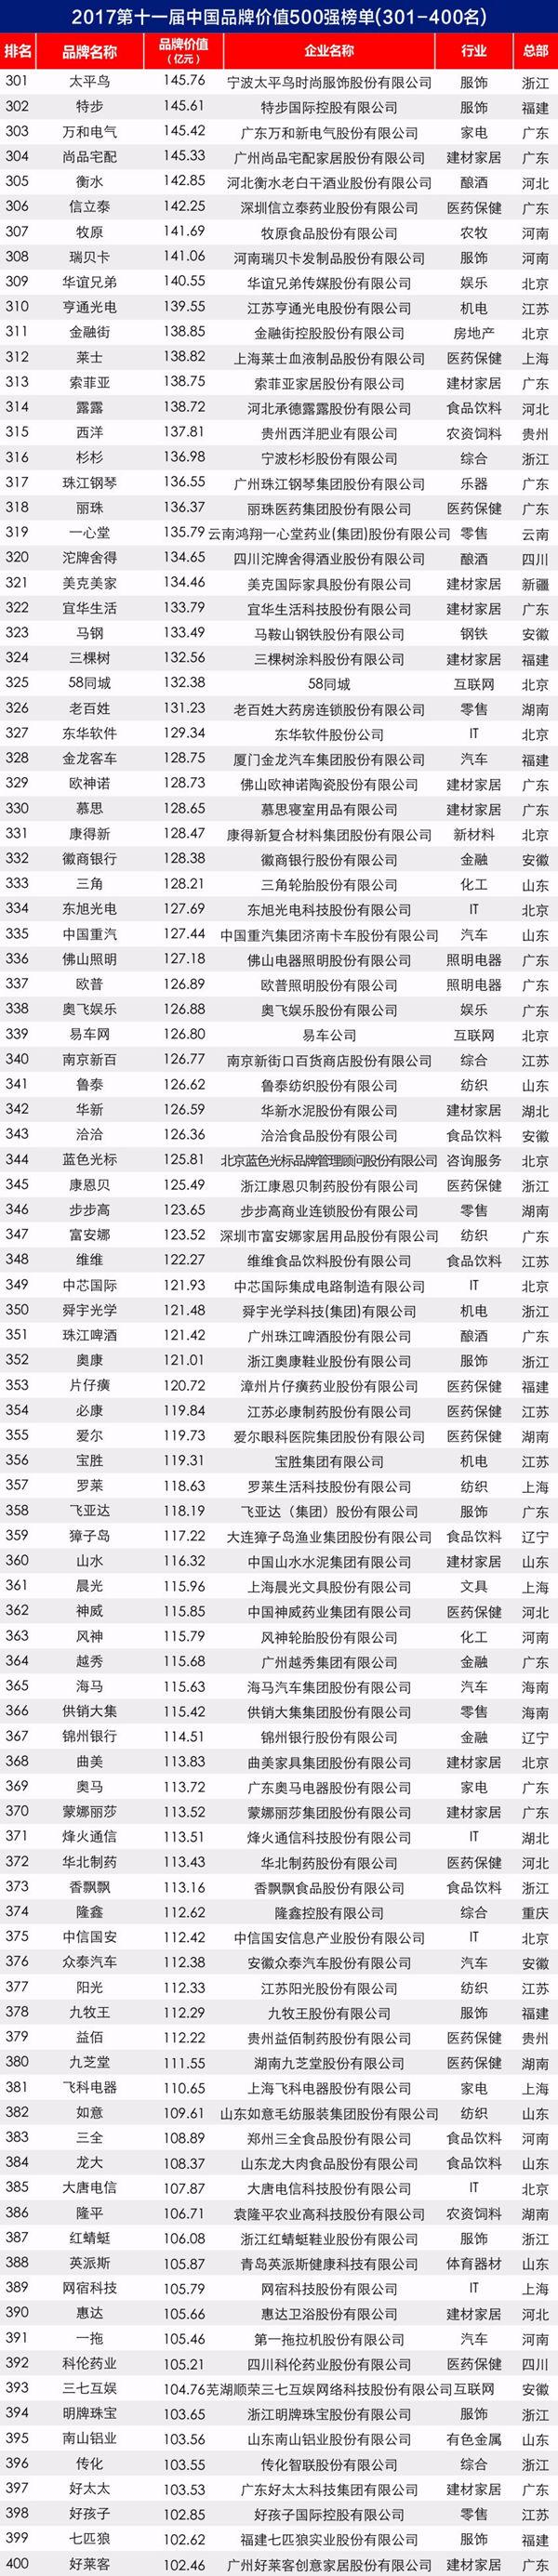 2017第11届中国品牌价值500强揭晓